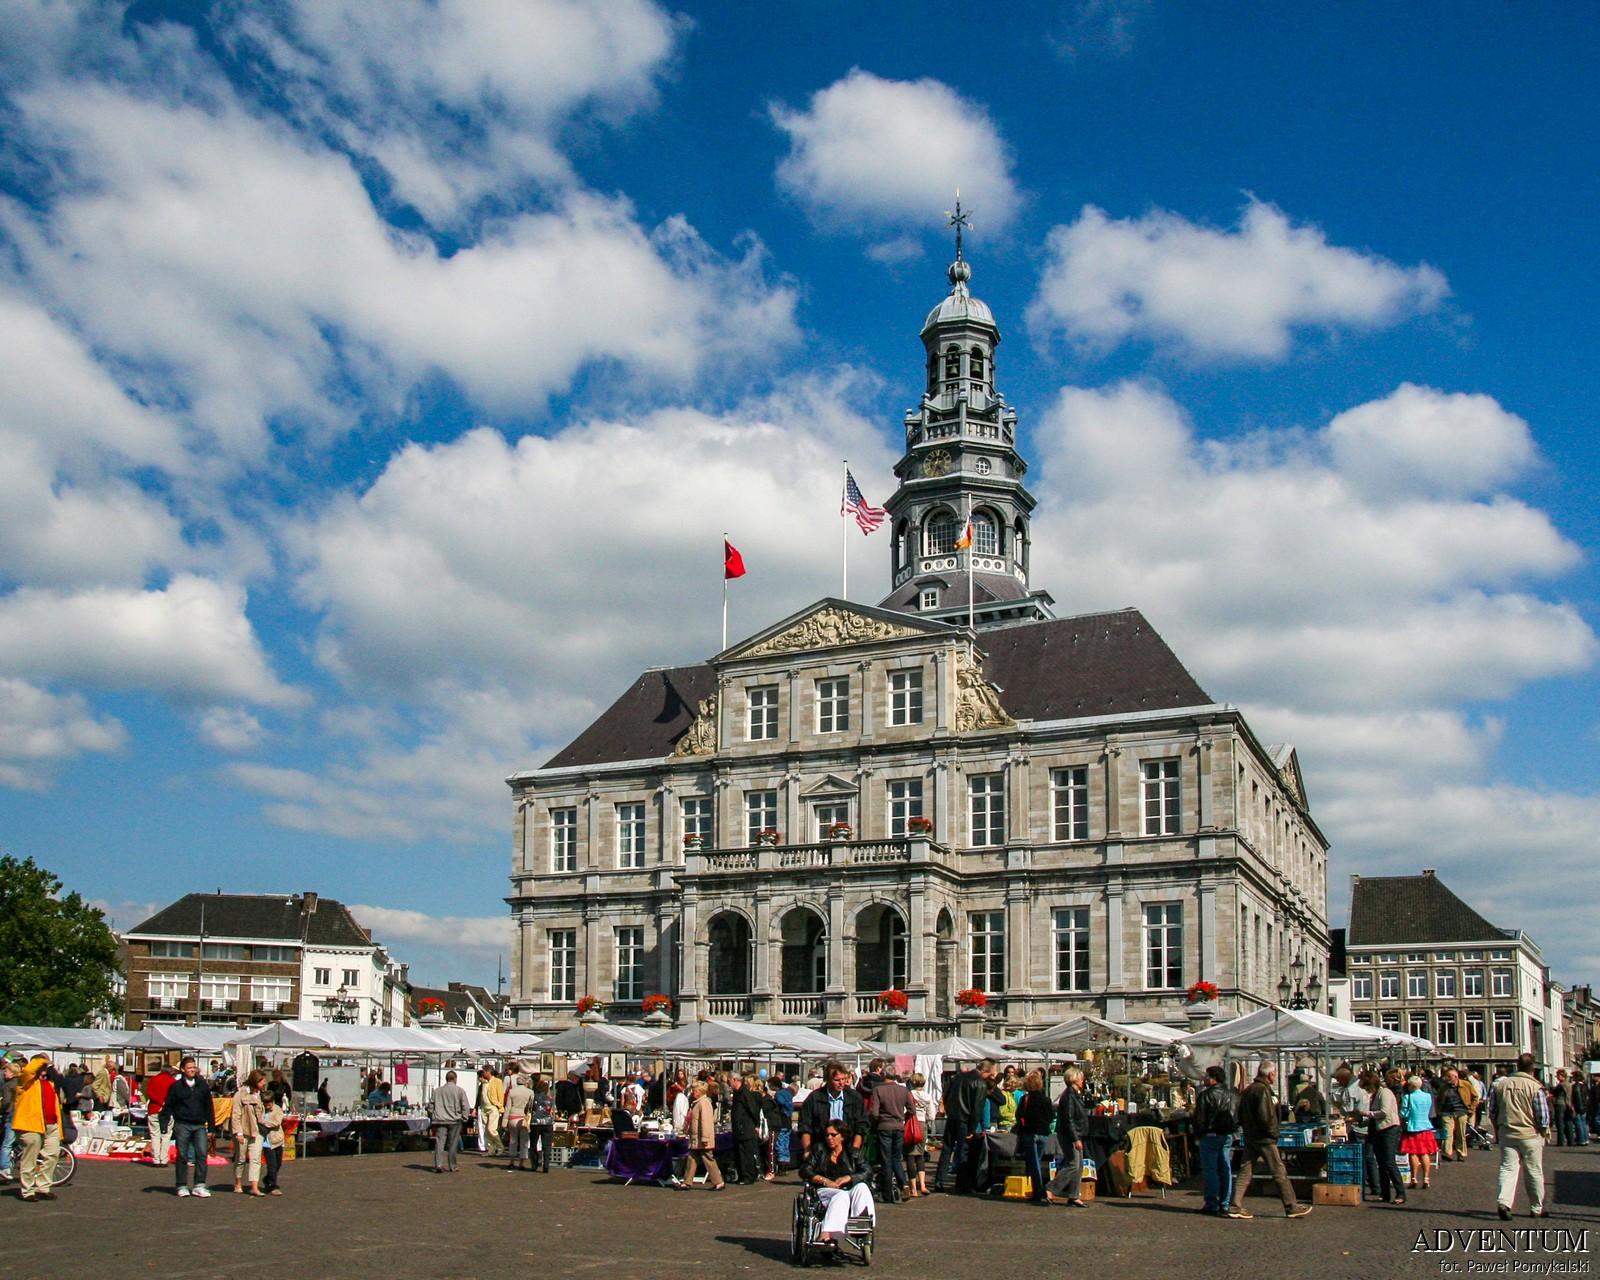 Holandia Maastricht Atrakcje Zwiedzanie co Zobaczyć Amsterdam Rotterdam Haga Kanały Wiatraki